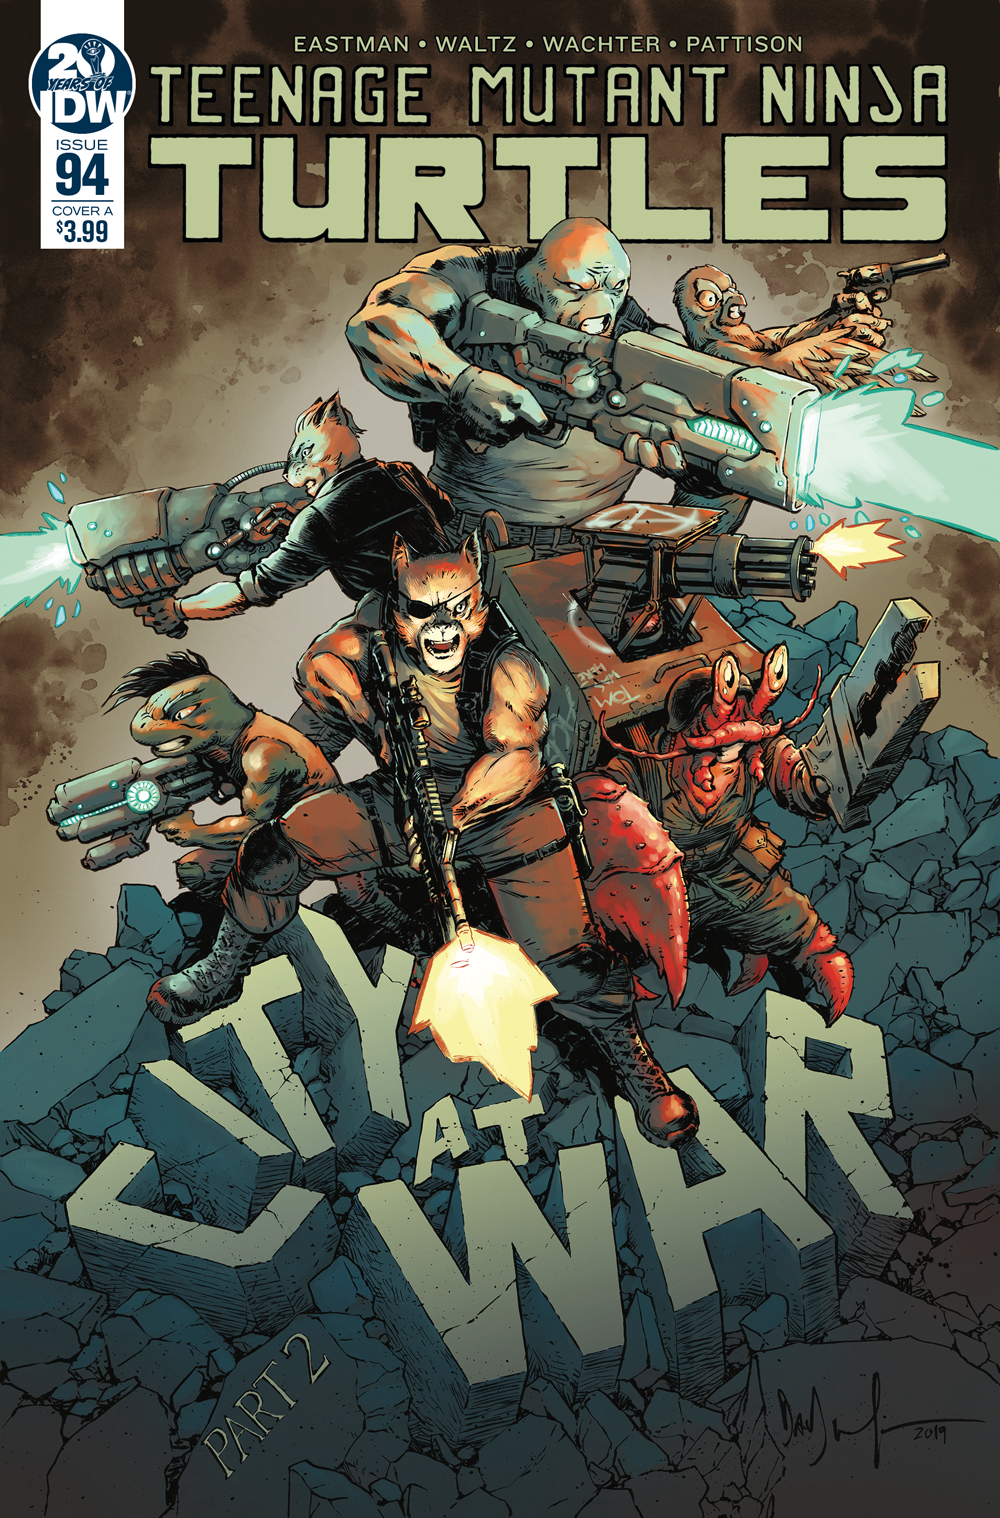 Teenage Mutant Ninja Turtles #94, IDW Publishing